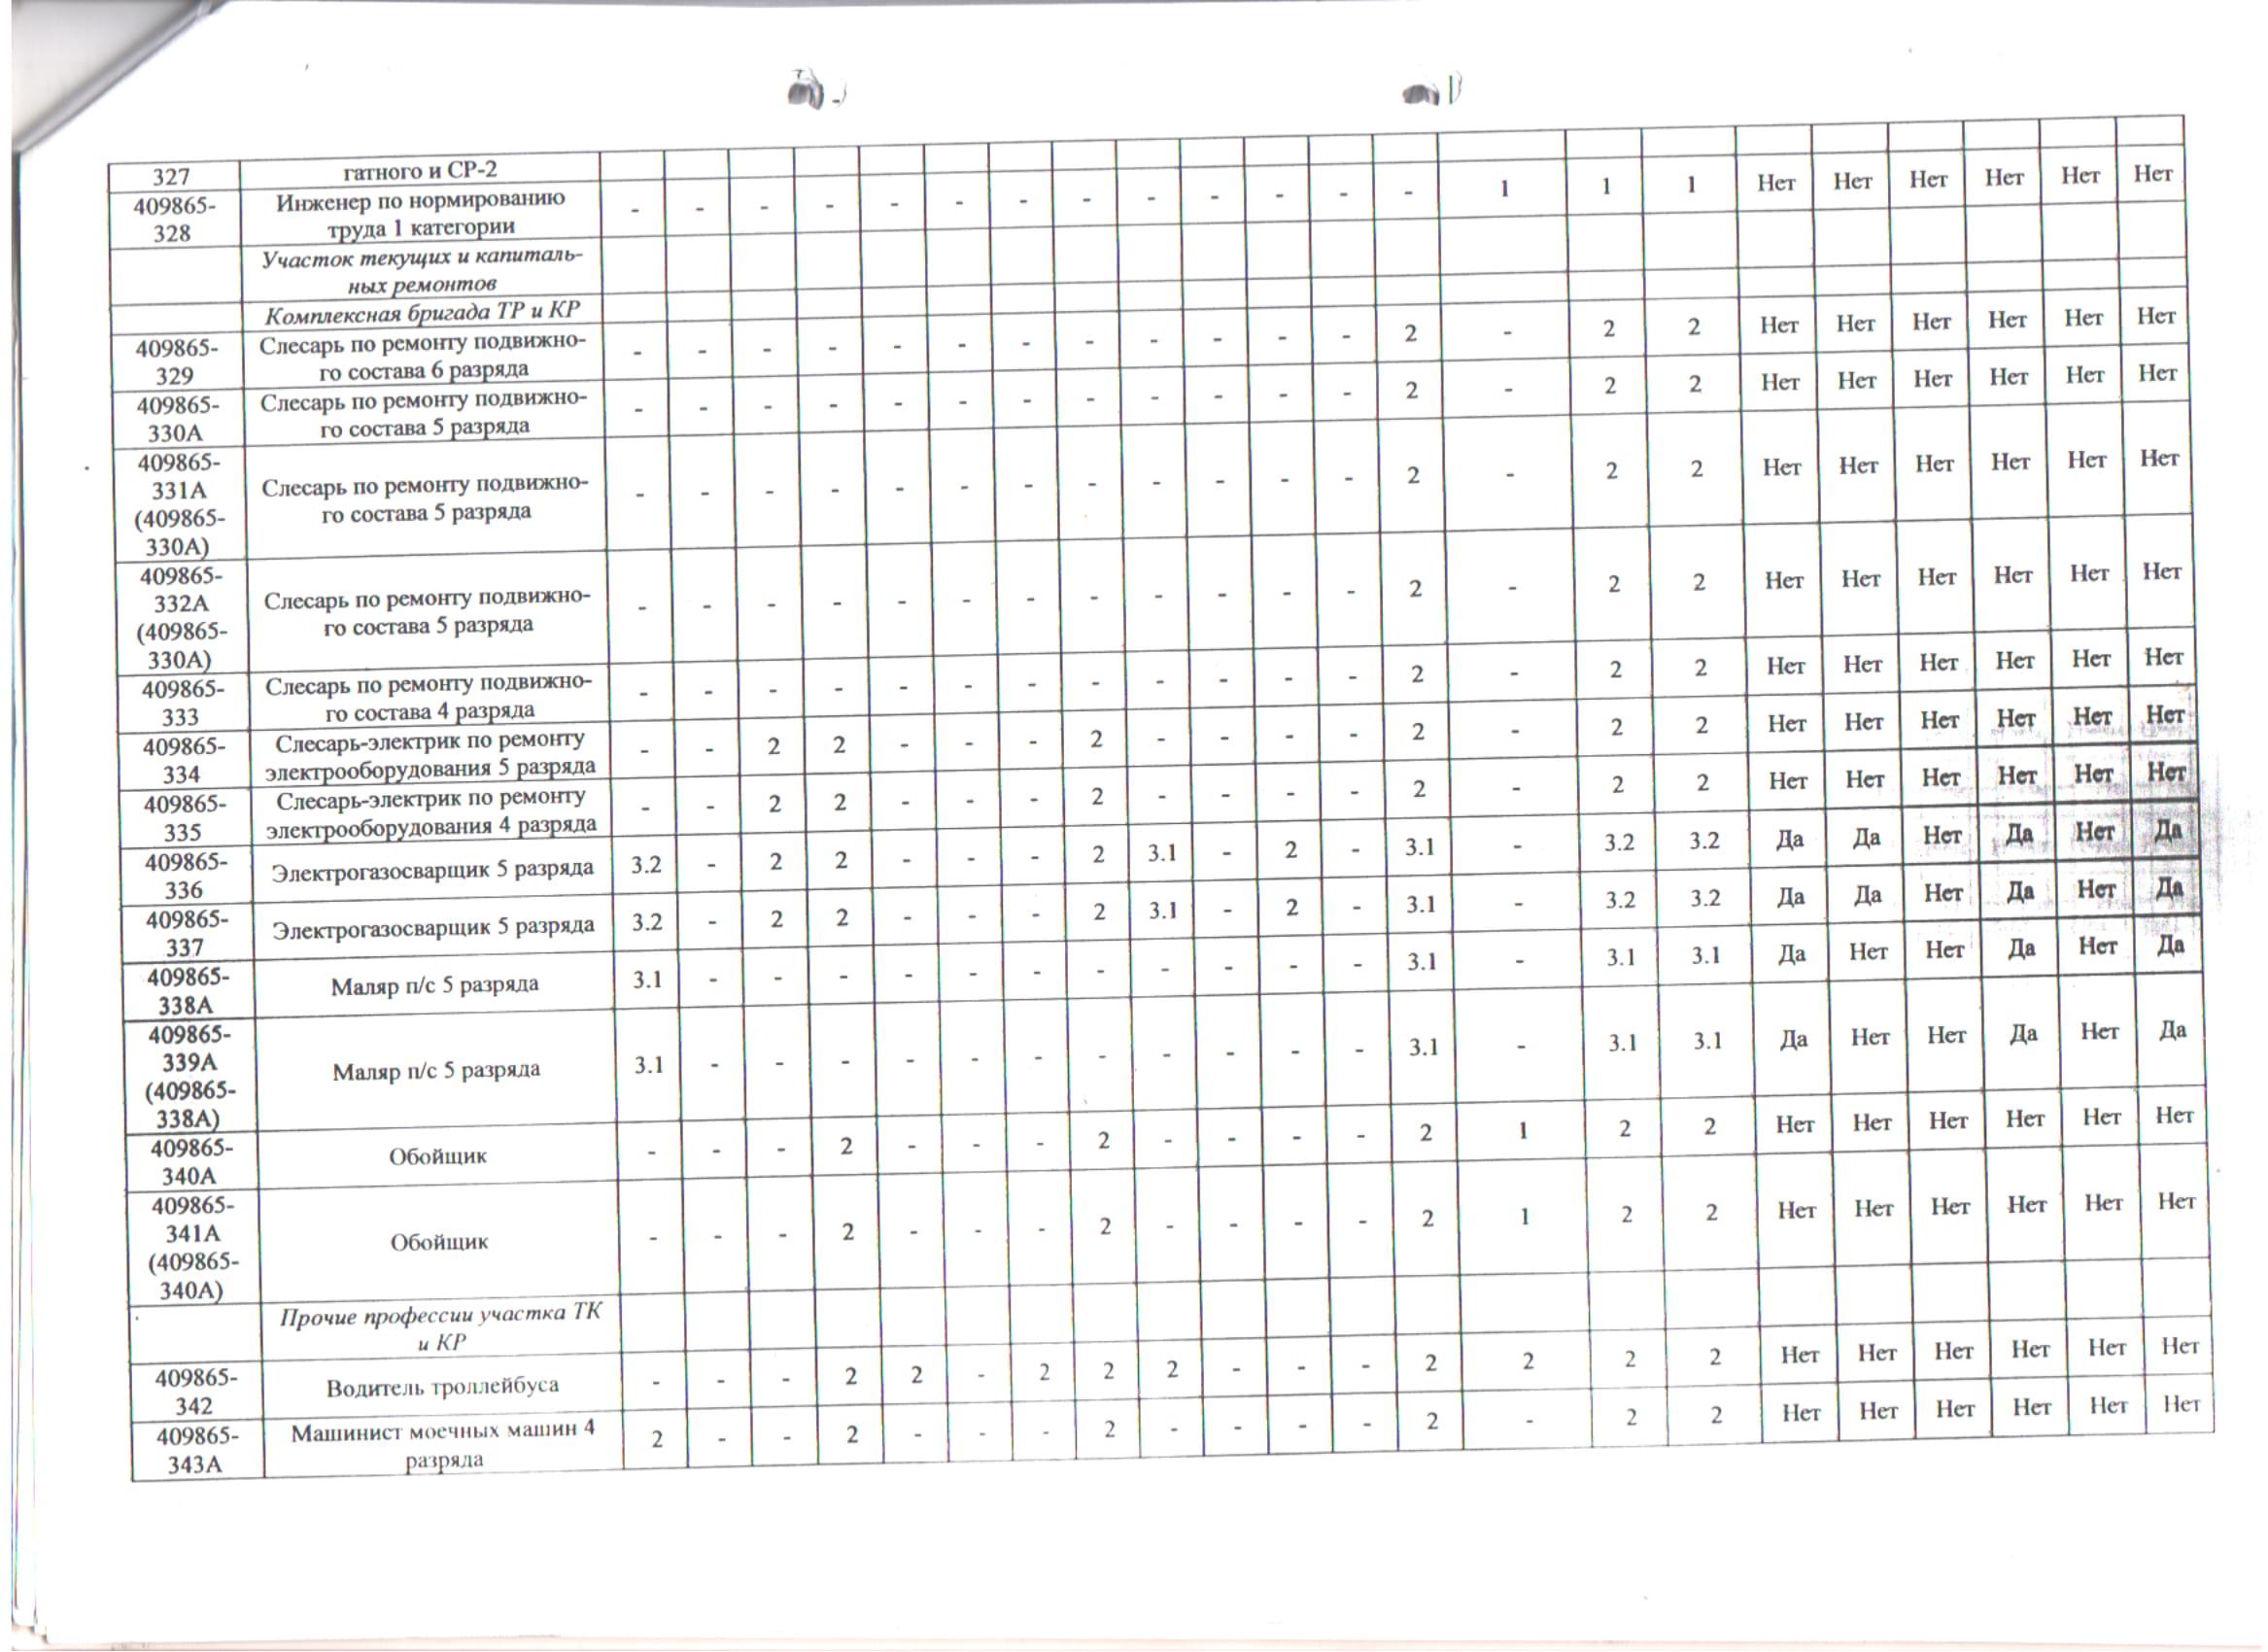 Сводная ведомость СТП (pdf.io)-26